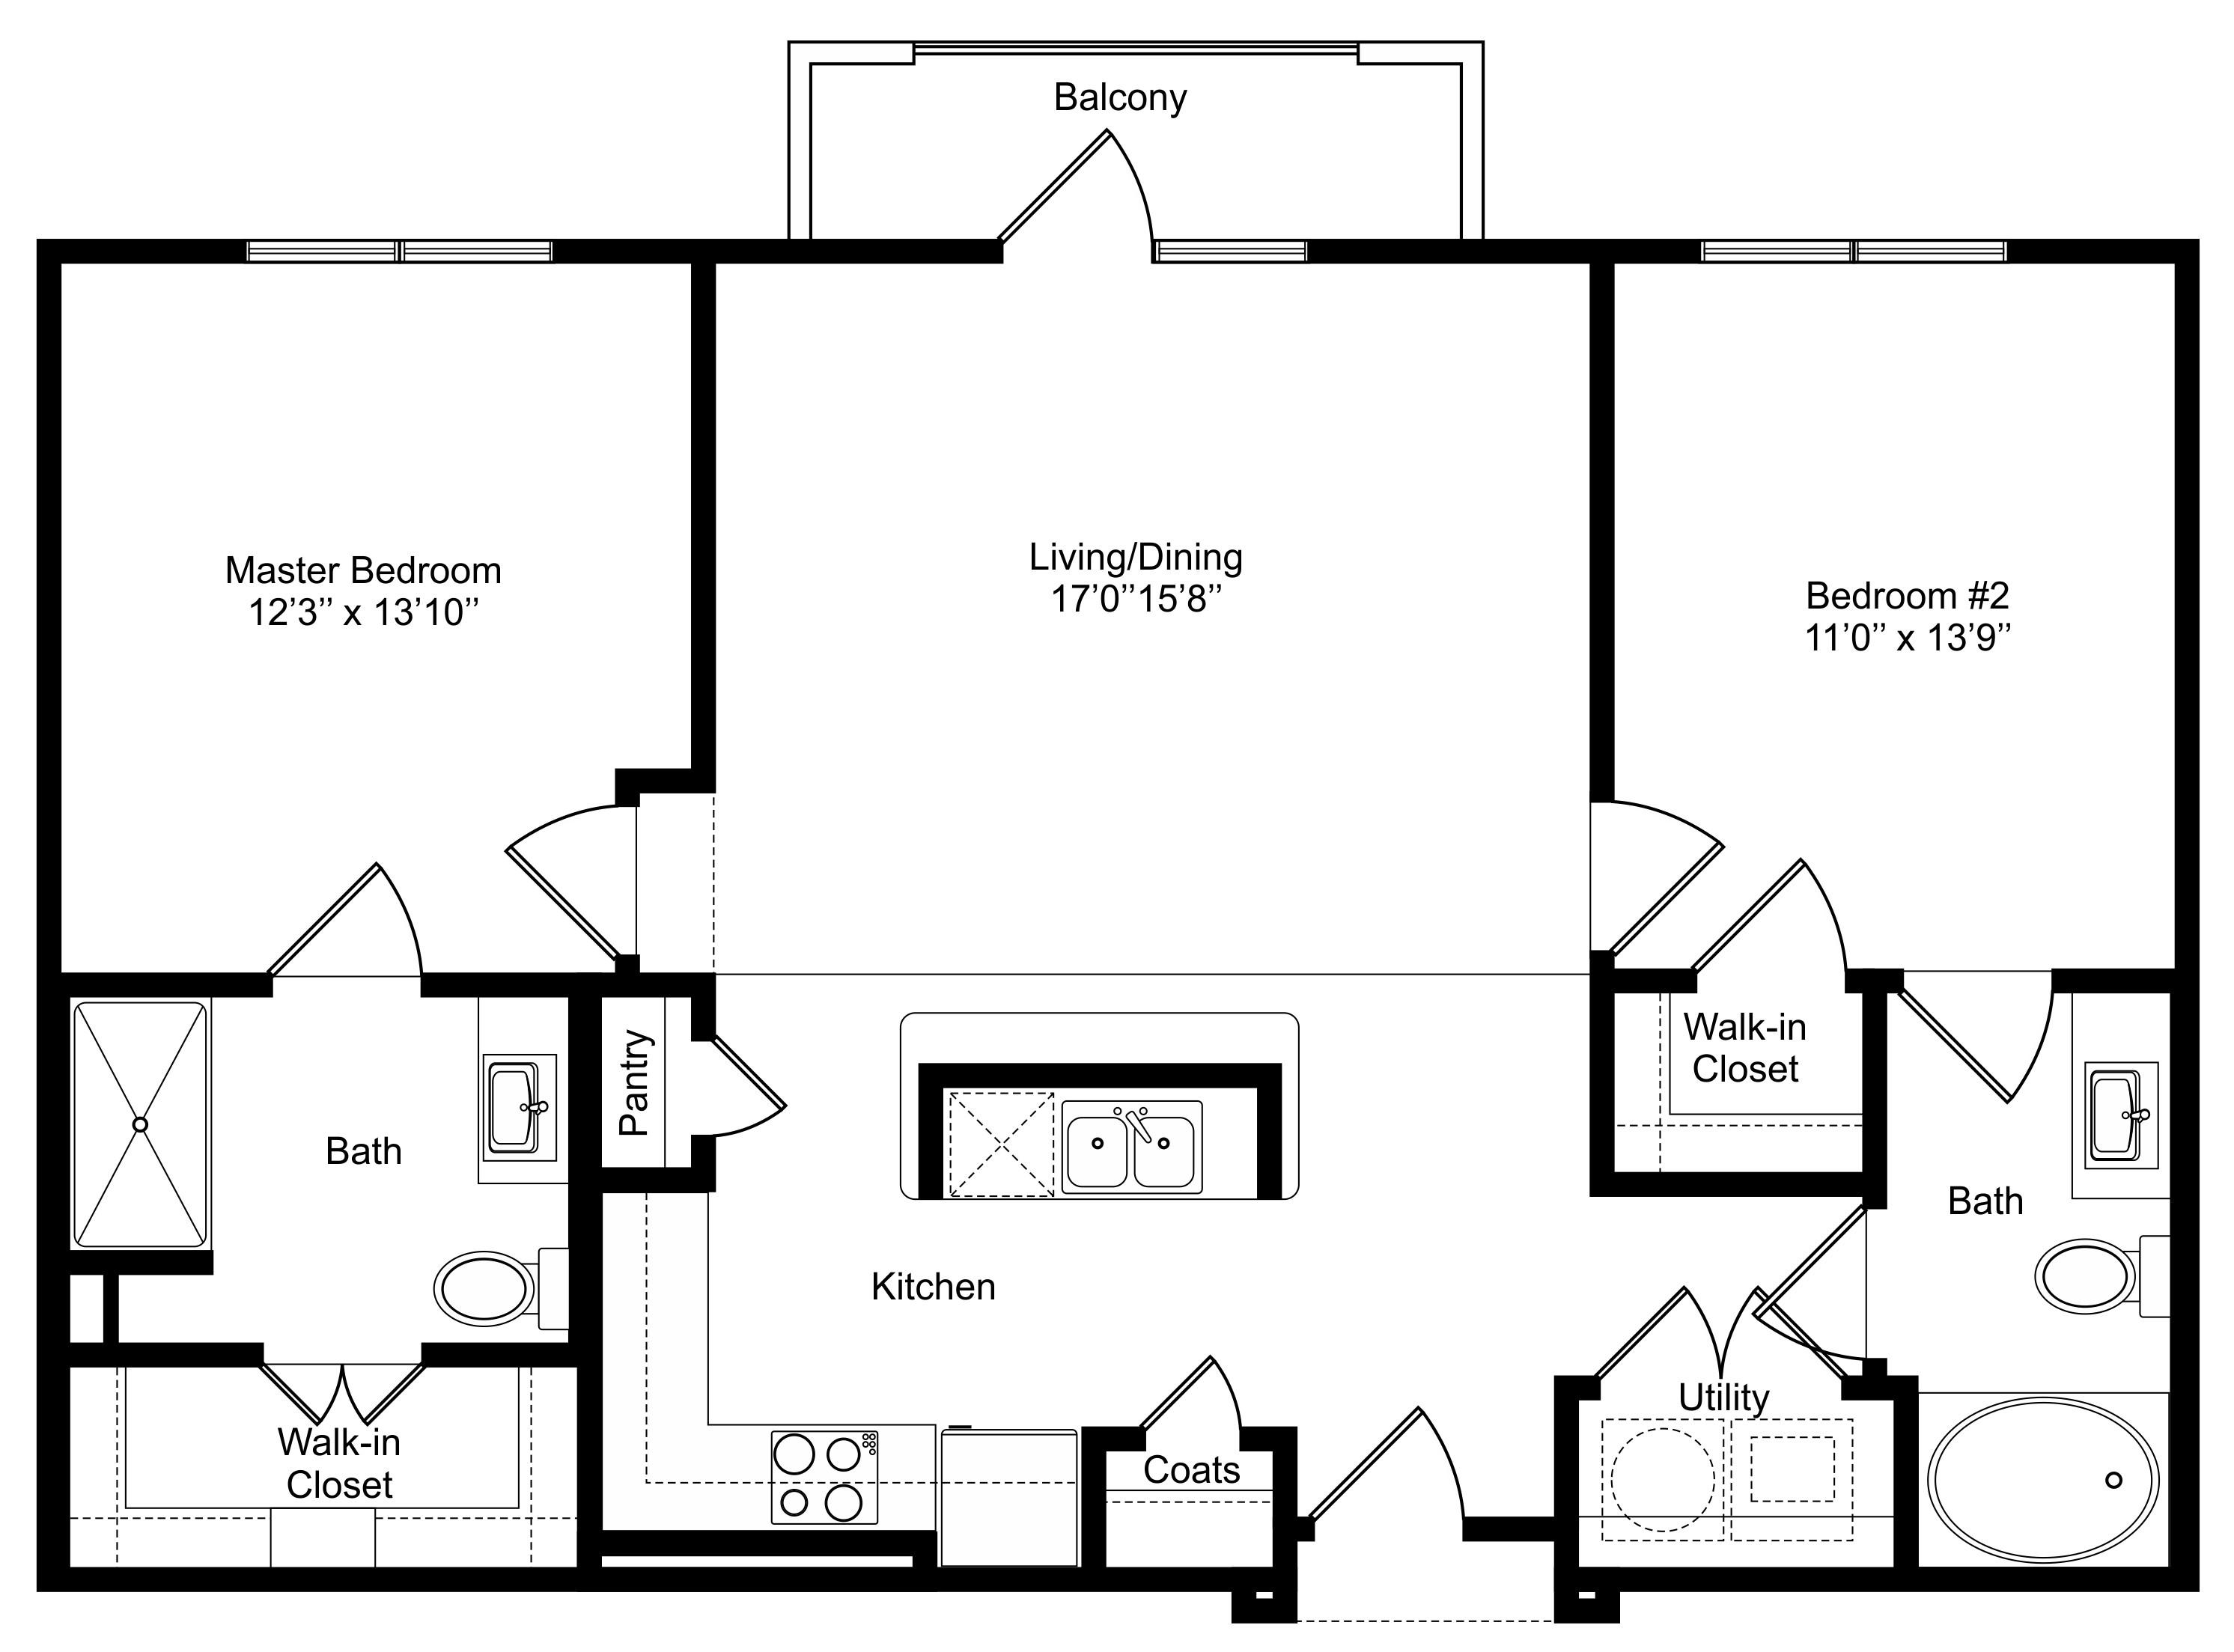 Oxford at Lake View - Floorplan - B1